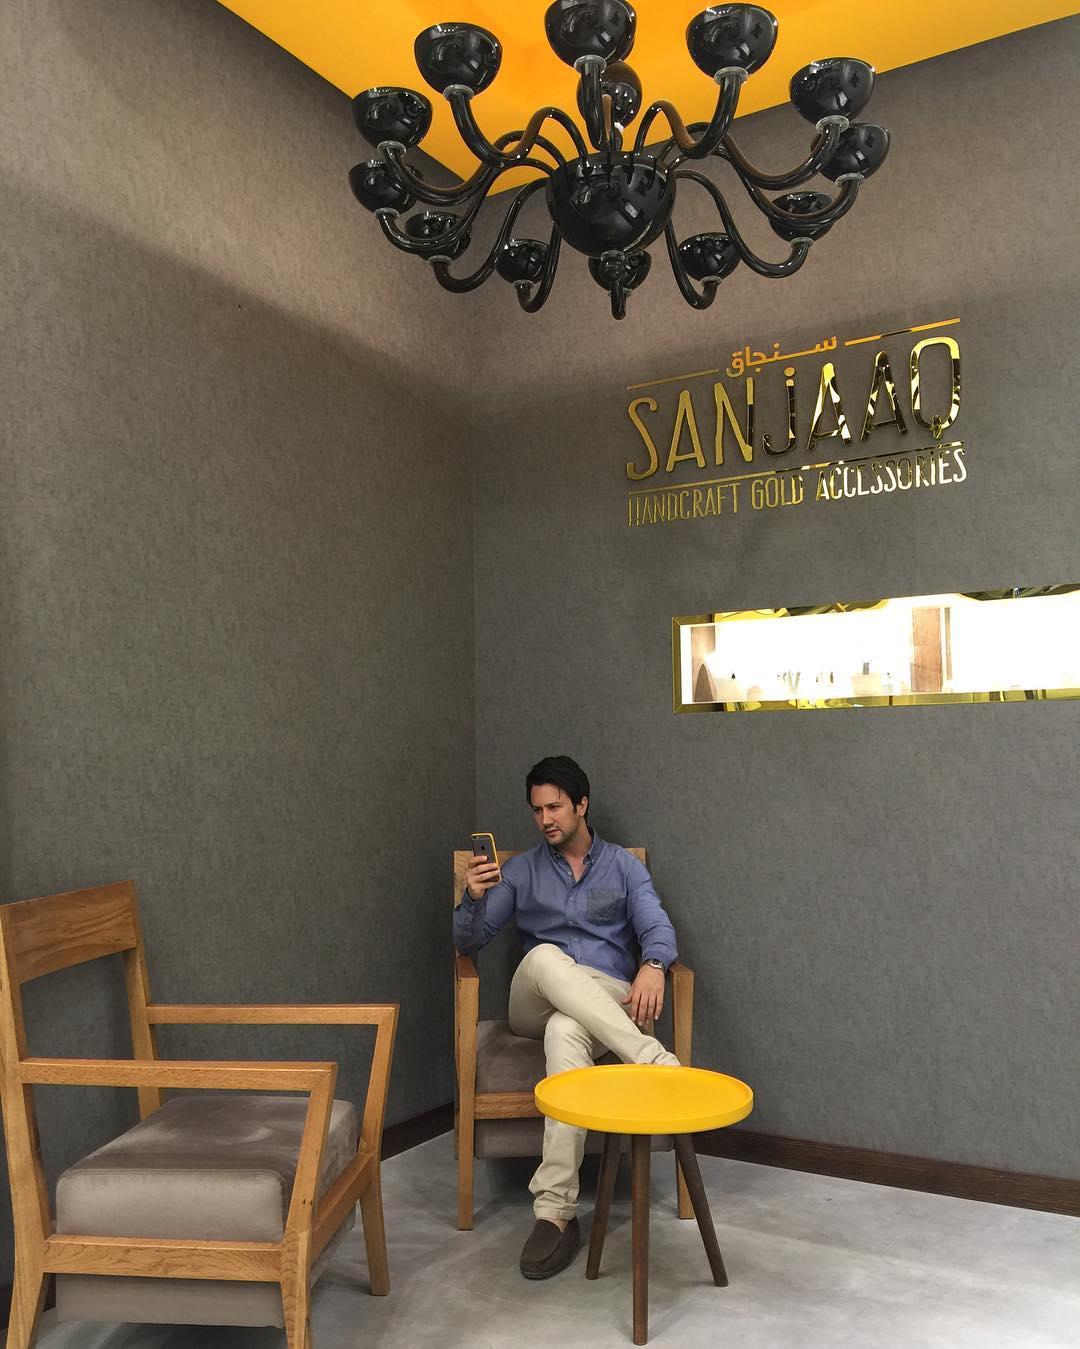 211599087 - مصاحبه کامل شاهرخ استخری با مهران مدیری در برنامه دورهمی